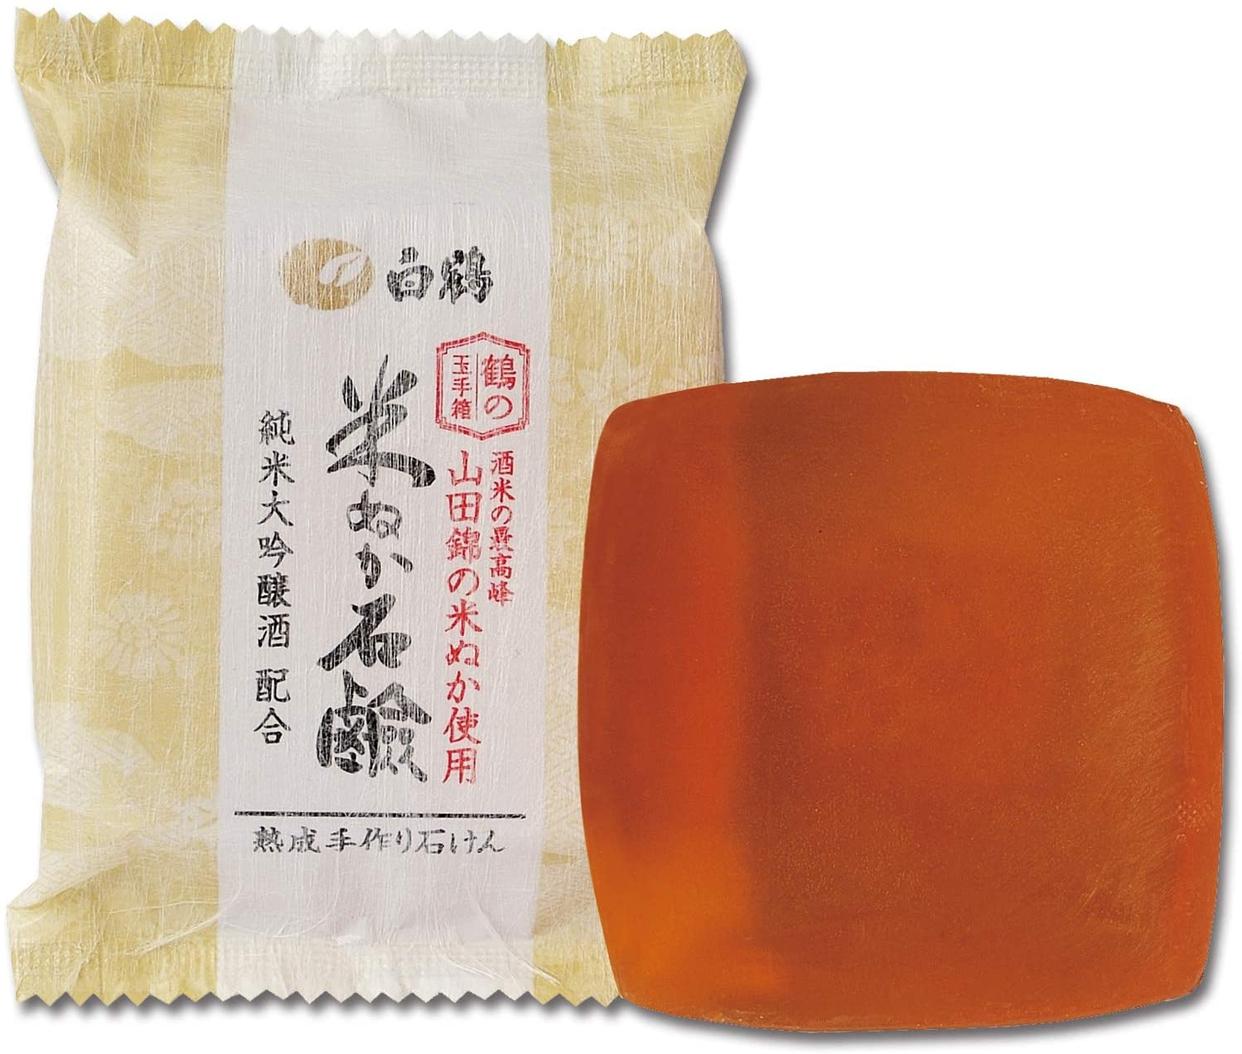 白鶴 鶴の玉手箱(ハクツル ツルノタマテバコ) 米ぬか石けんの商品画像4